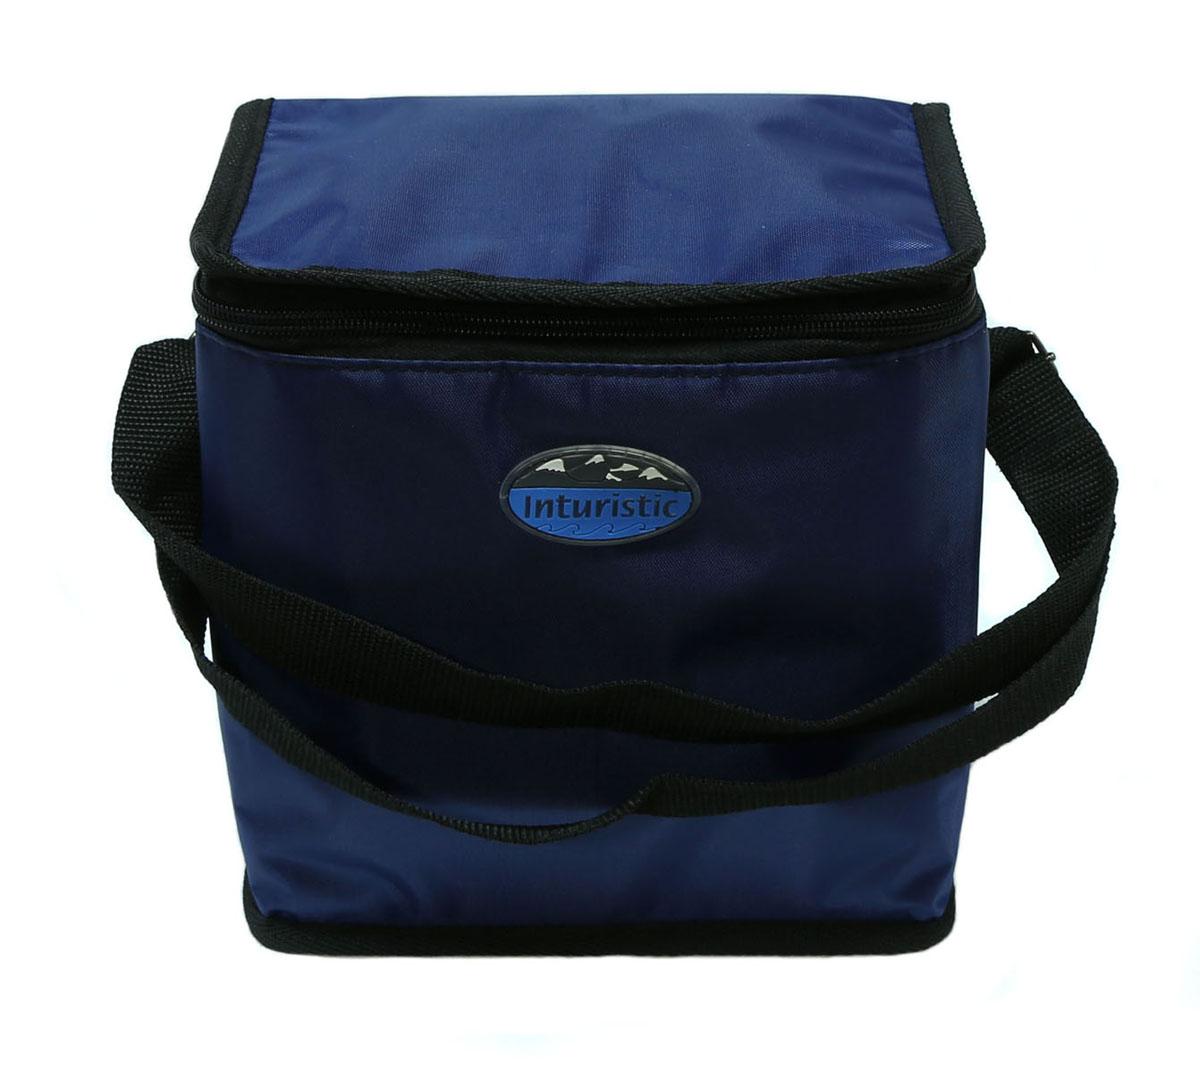 Сумка изотермическая Inturistic, цвет: синий, 6 л сумка изотермическая 25л температурный режим до 12 часов greenglade